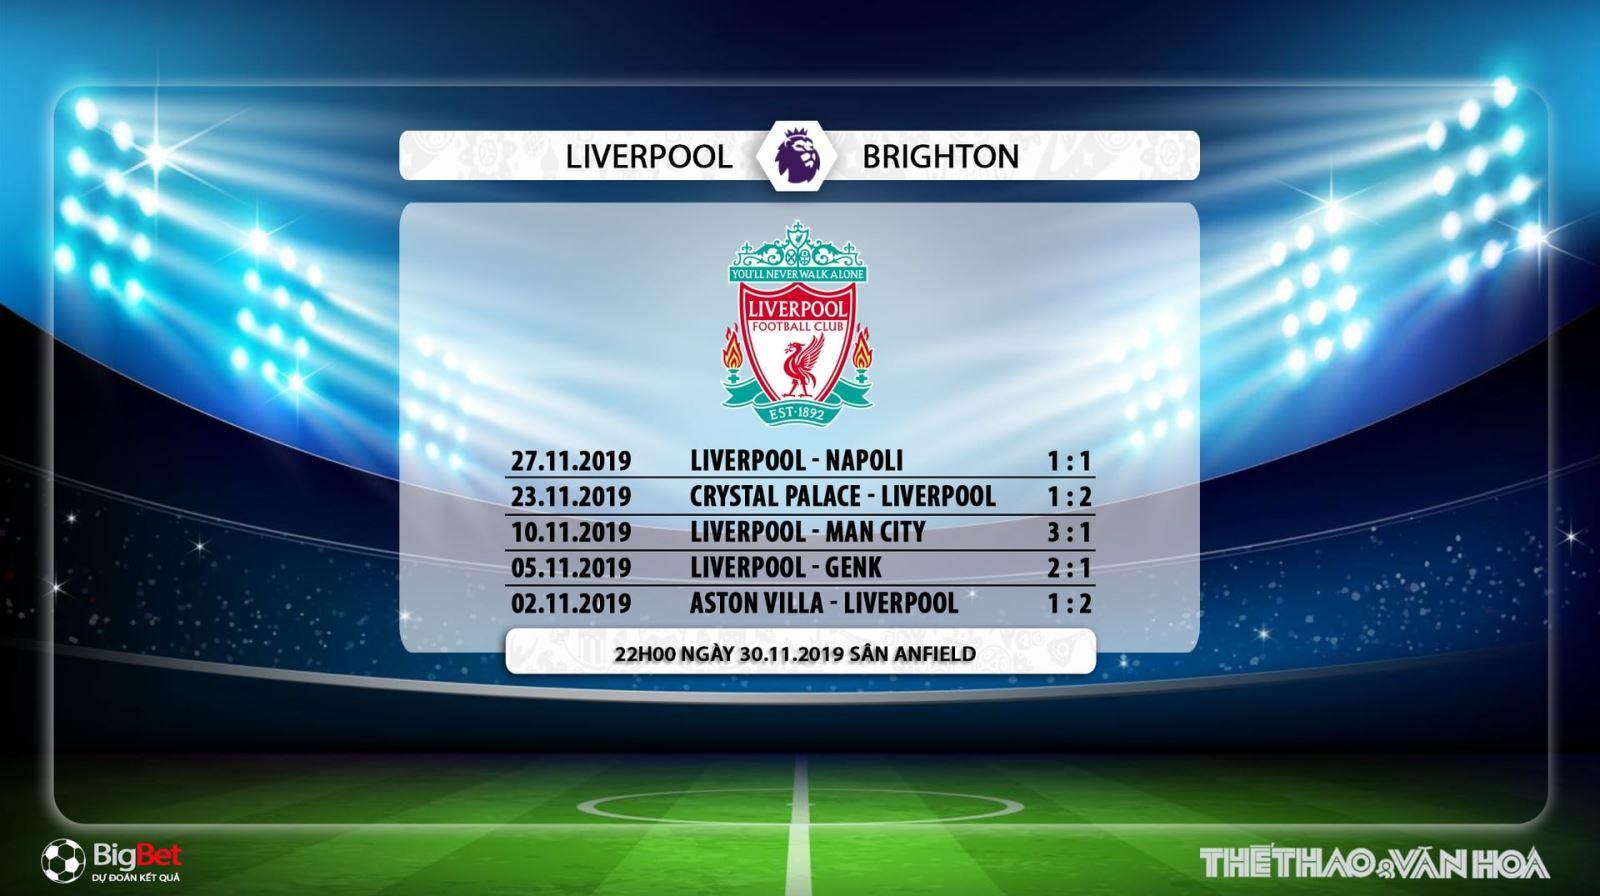 Bảng xếp hạng, bảng xếp hạng bóng đá, bảng xếp hạng bóng đá Anh, bxh bóng đá anh, bảng xếp hạng ngoại hạng anh, bxh ngoai hang anh, premier league, bxh premier league